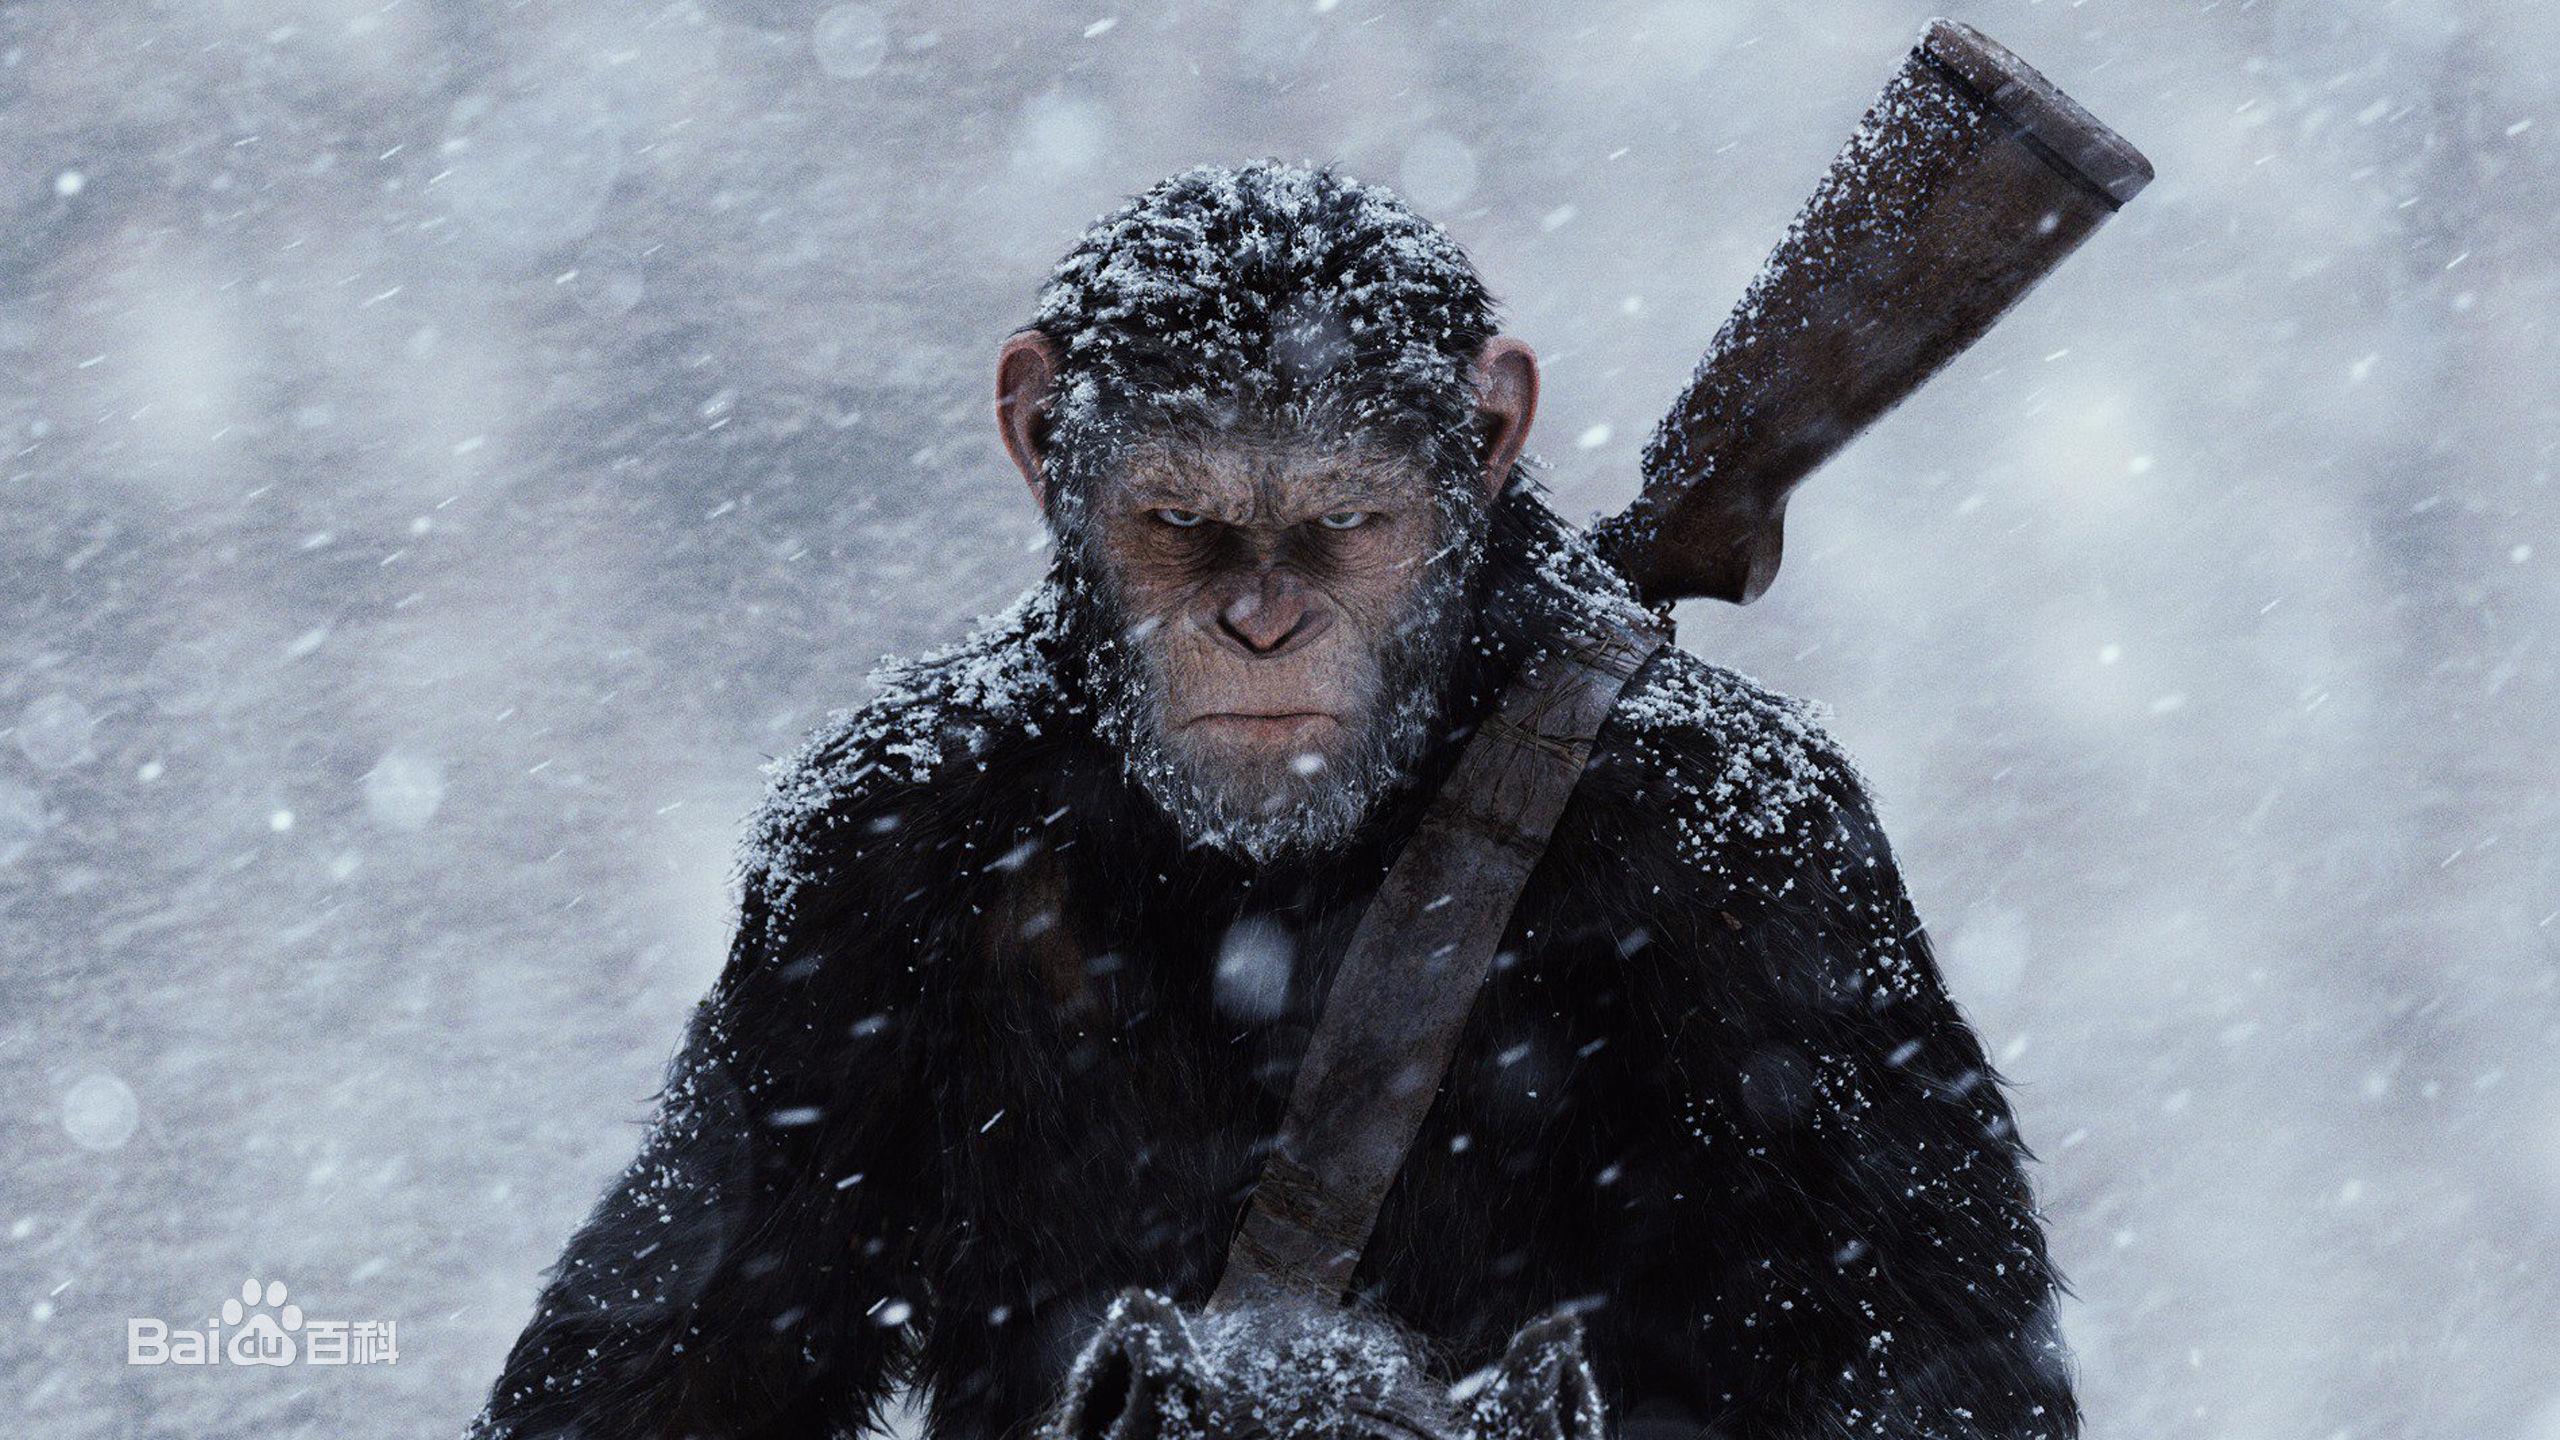 #经典看电影#俗哥说电影,美国科幻片《猩球崛起3:终极之战》